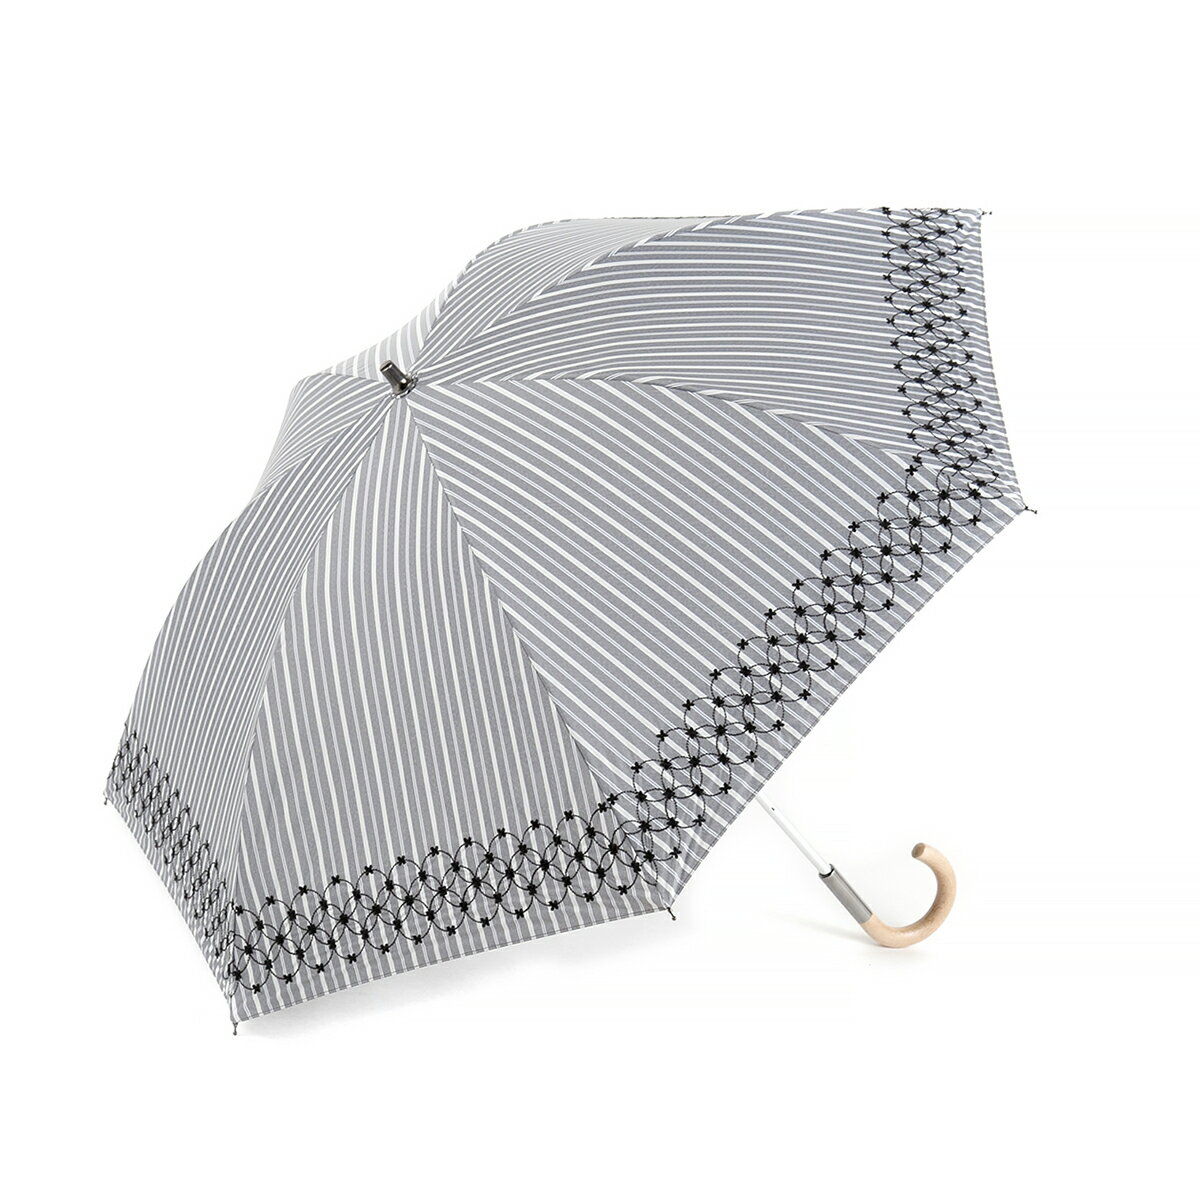 【ANTEPRIMA公式】アンテプリマ/ストライプ先染めラメ刺繍 晴雨兼用ショート傘/ブラック/ANTEPRIMA/E1AN230898/BLACK